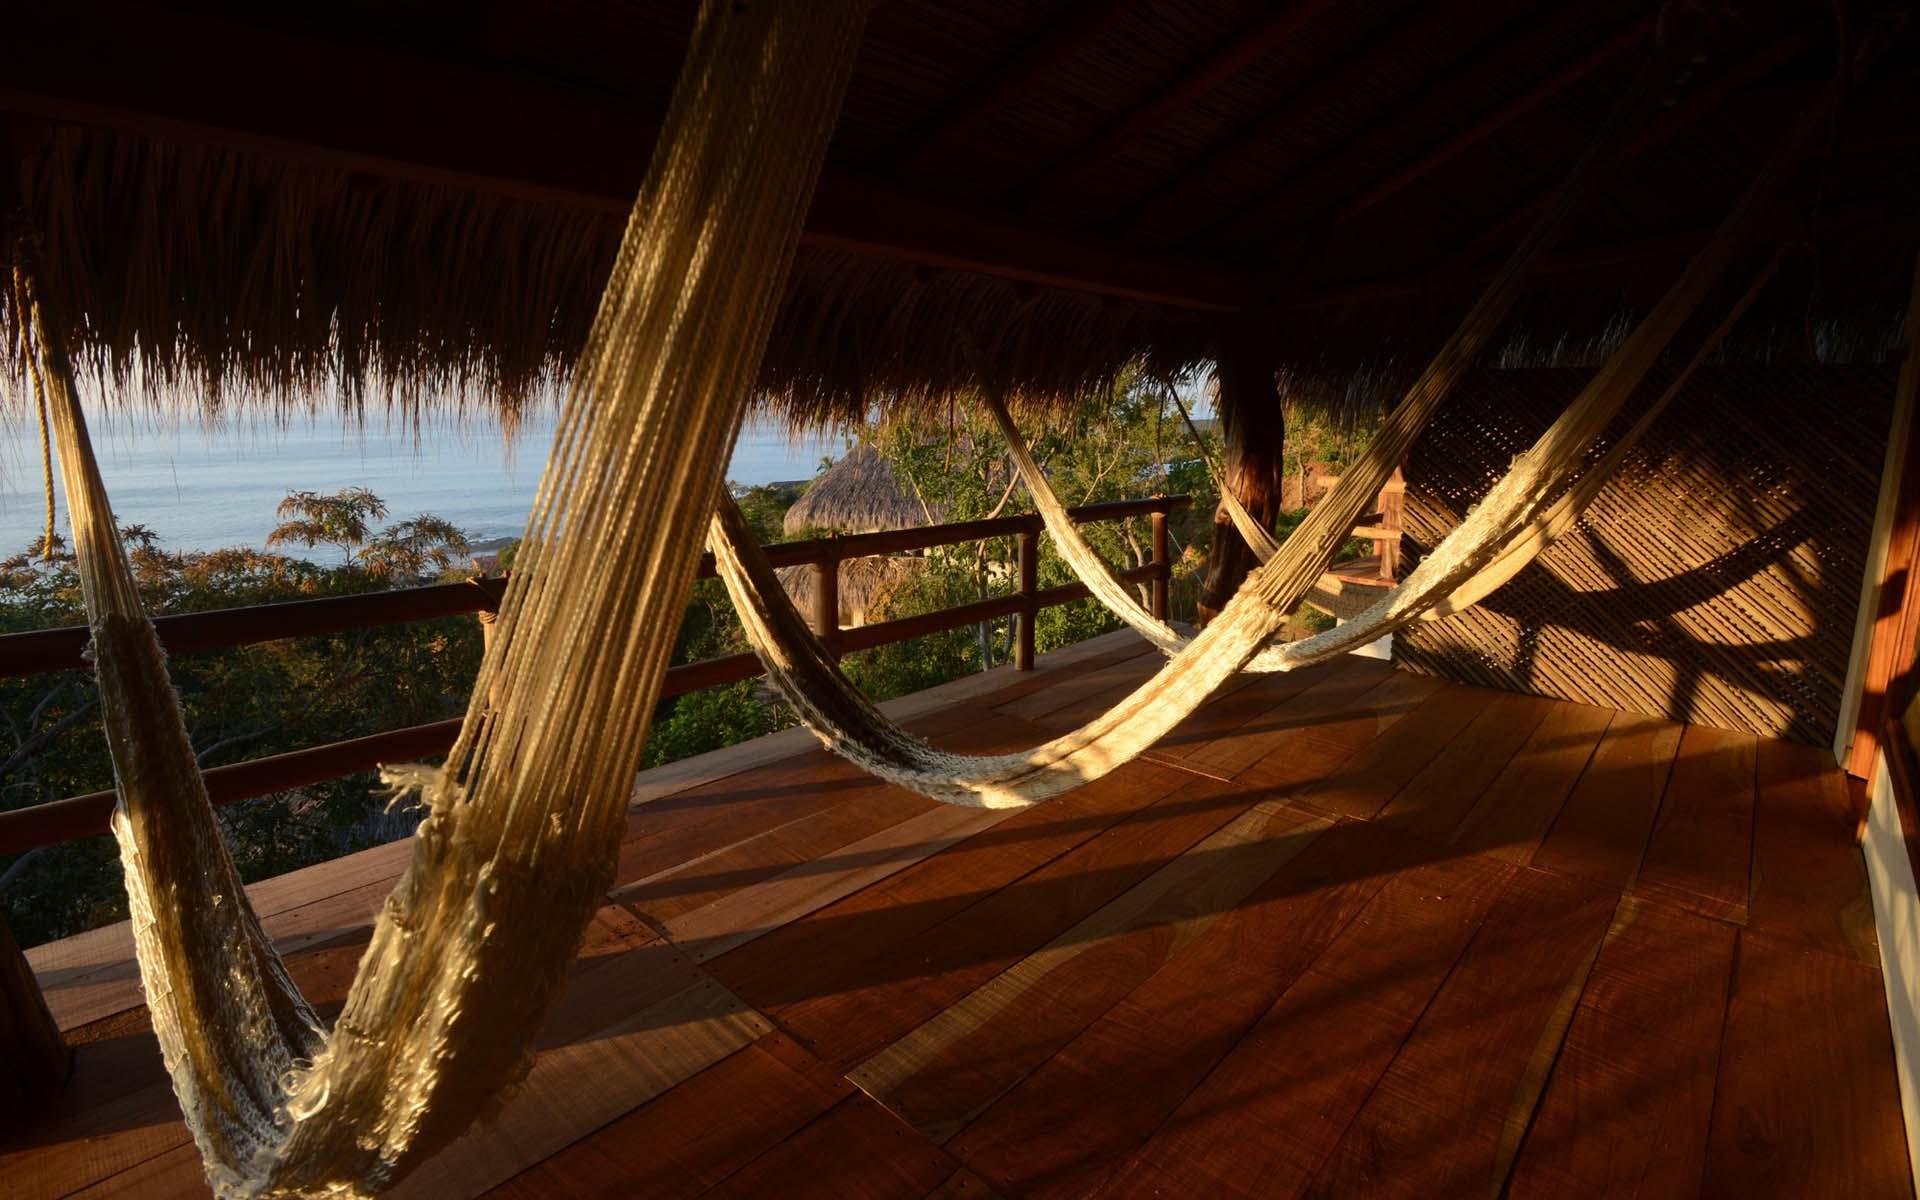 El mejor alojamiento en San Agustinillo, México, con una espectacular vista al mar.